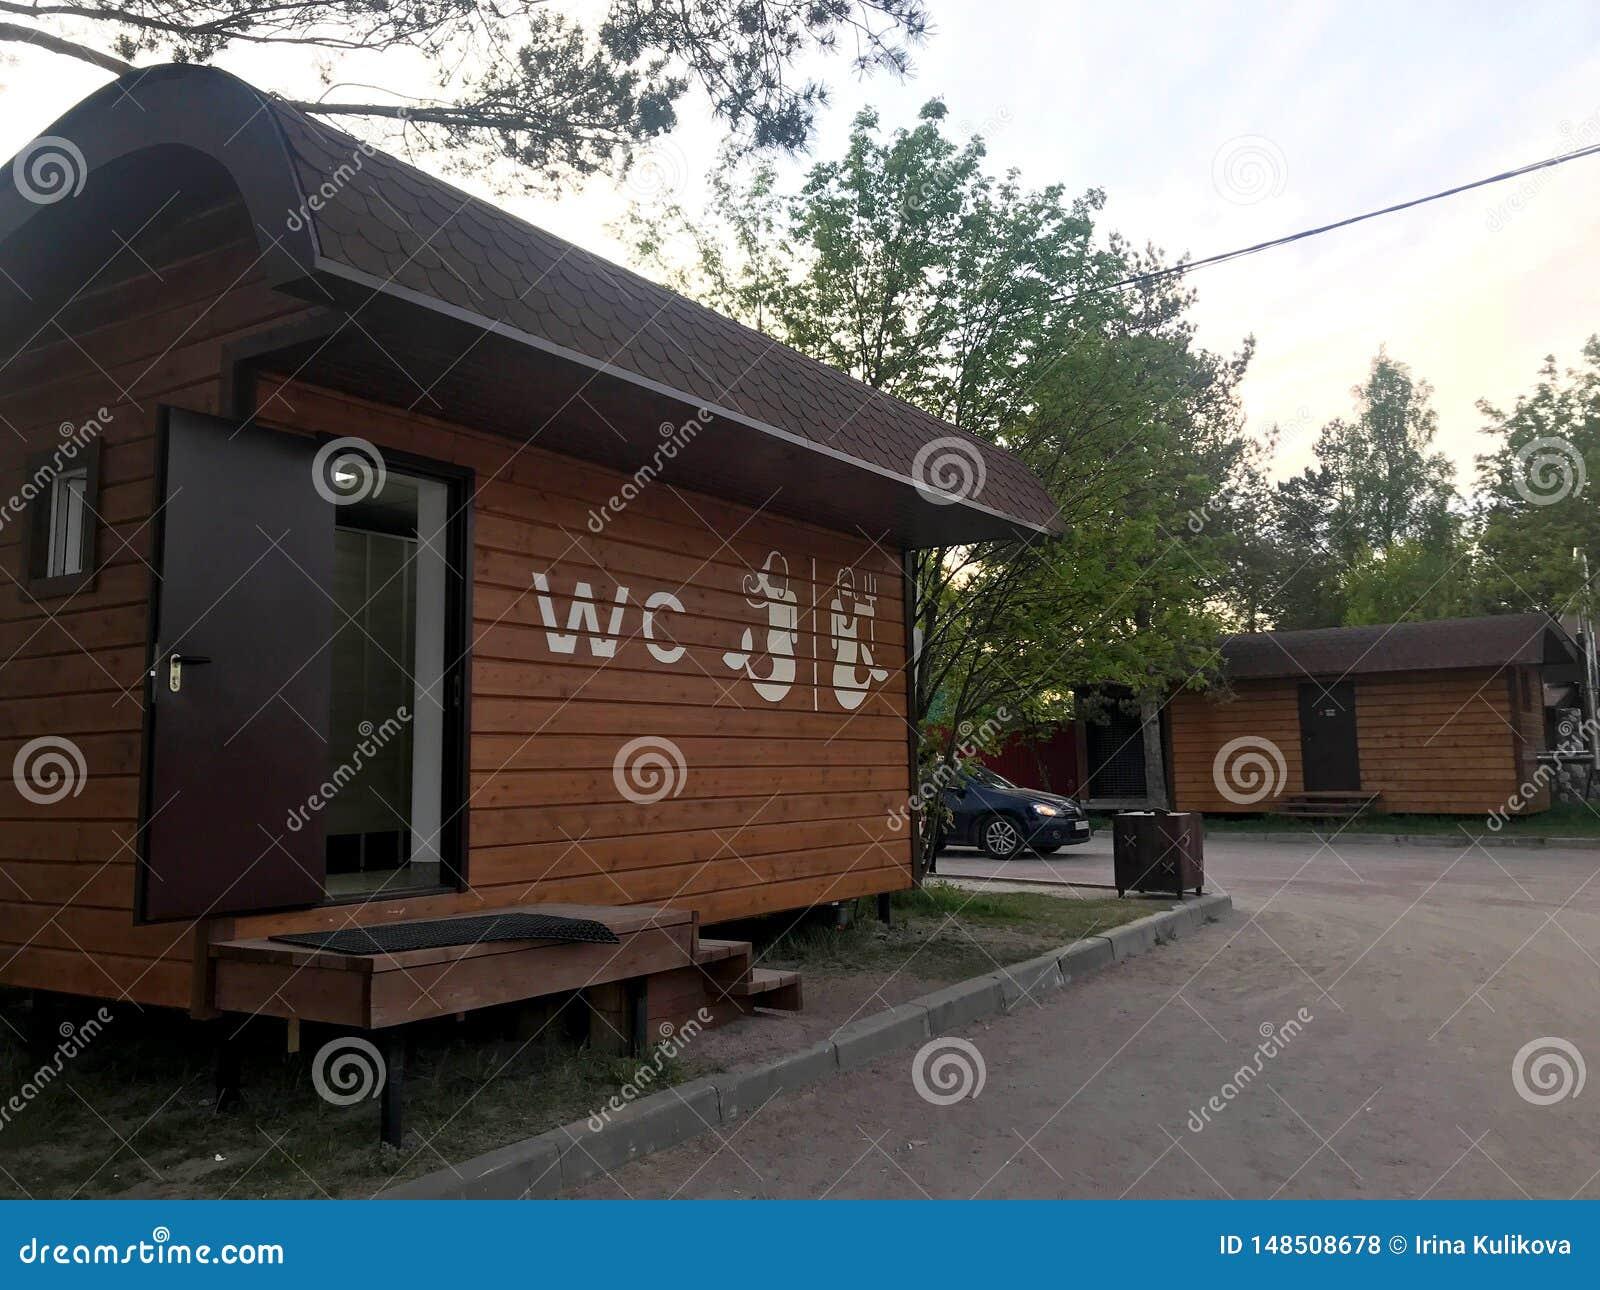 与美人鱼标志的公共厕所作为路标